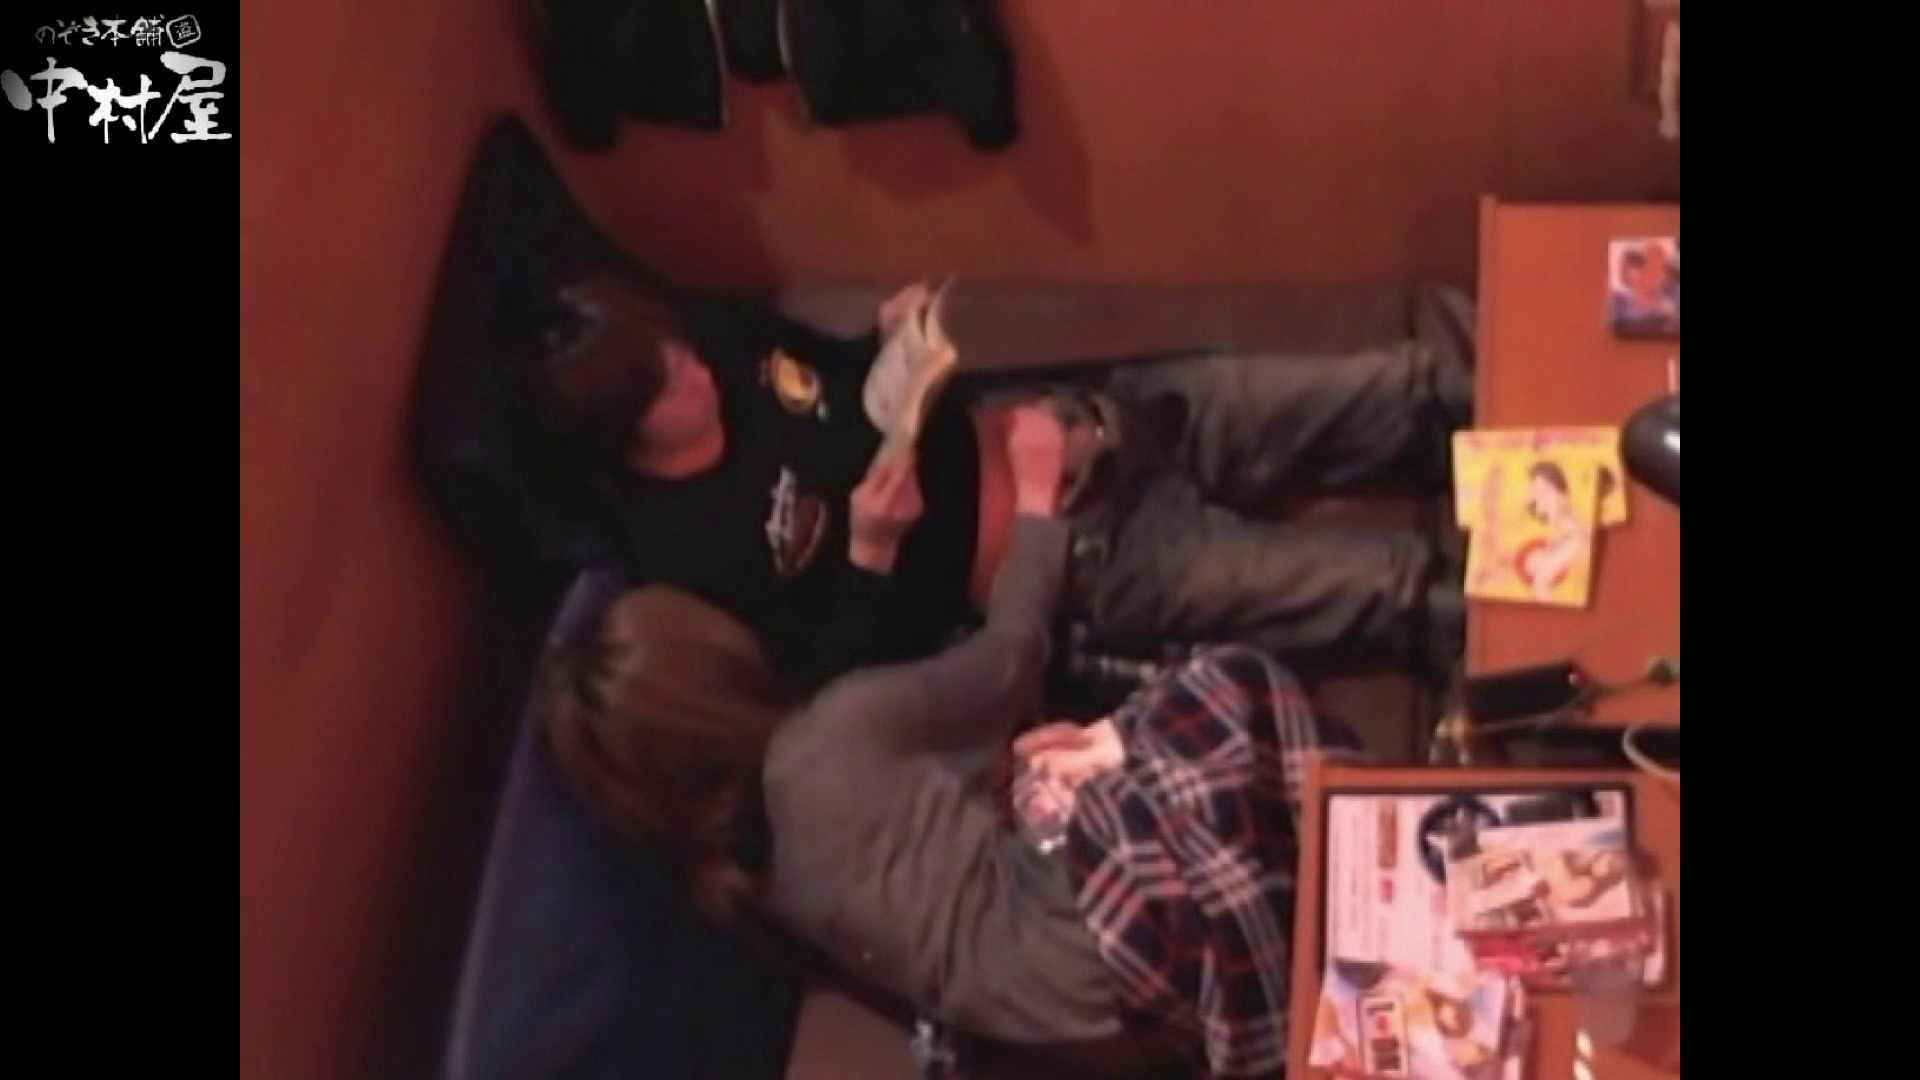 ネットカフェ盗撮師トロントさんの 素人カップル盗撮記vol.2 お姉さんの下半身 盗撮動画紹介 76PIX 25